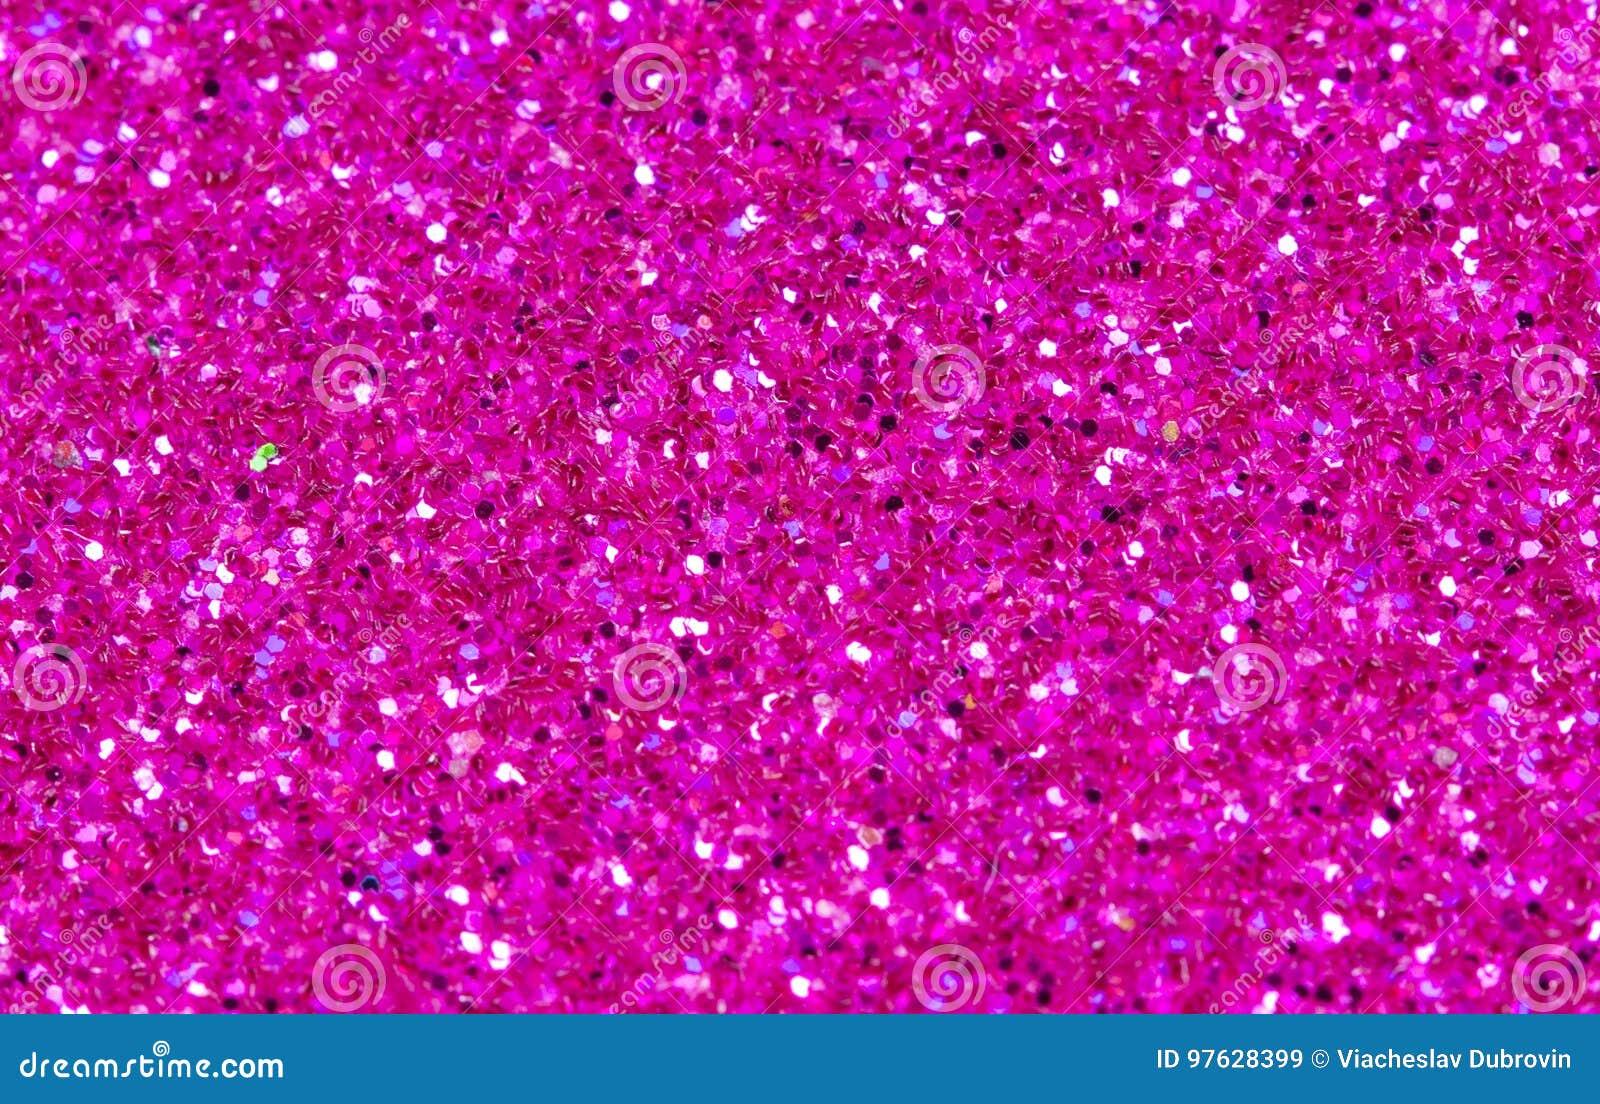 пинк абстрактной предпосылки горячий Розовое фото крупного плана яркого блеска Розовая упаковочная бумага shimmer